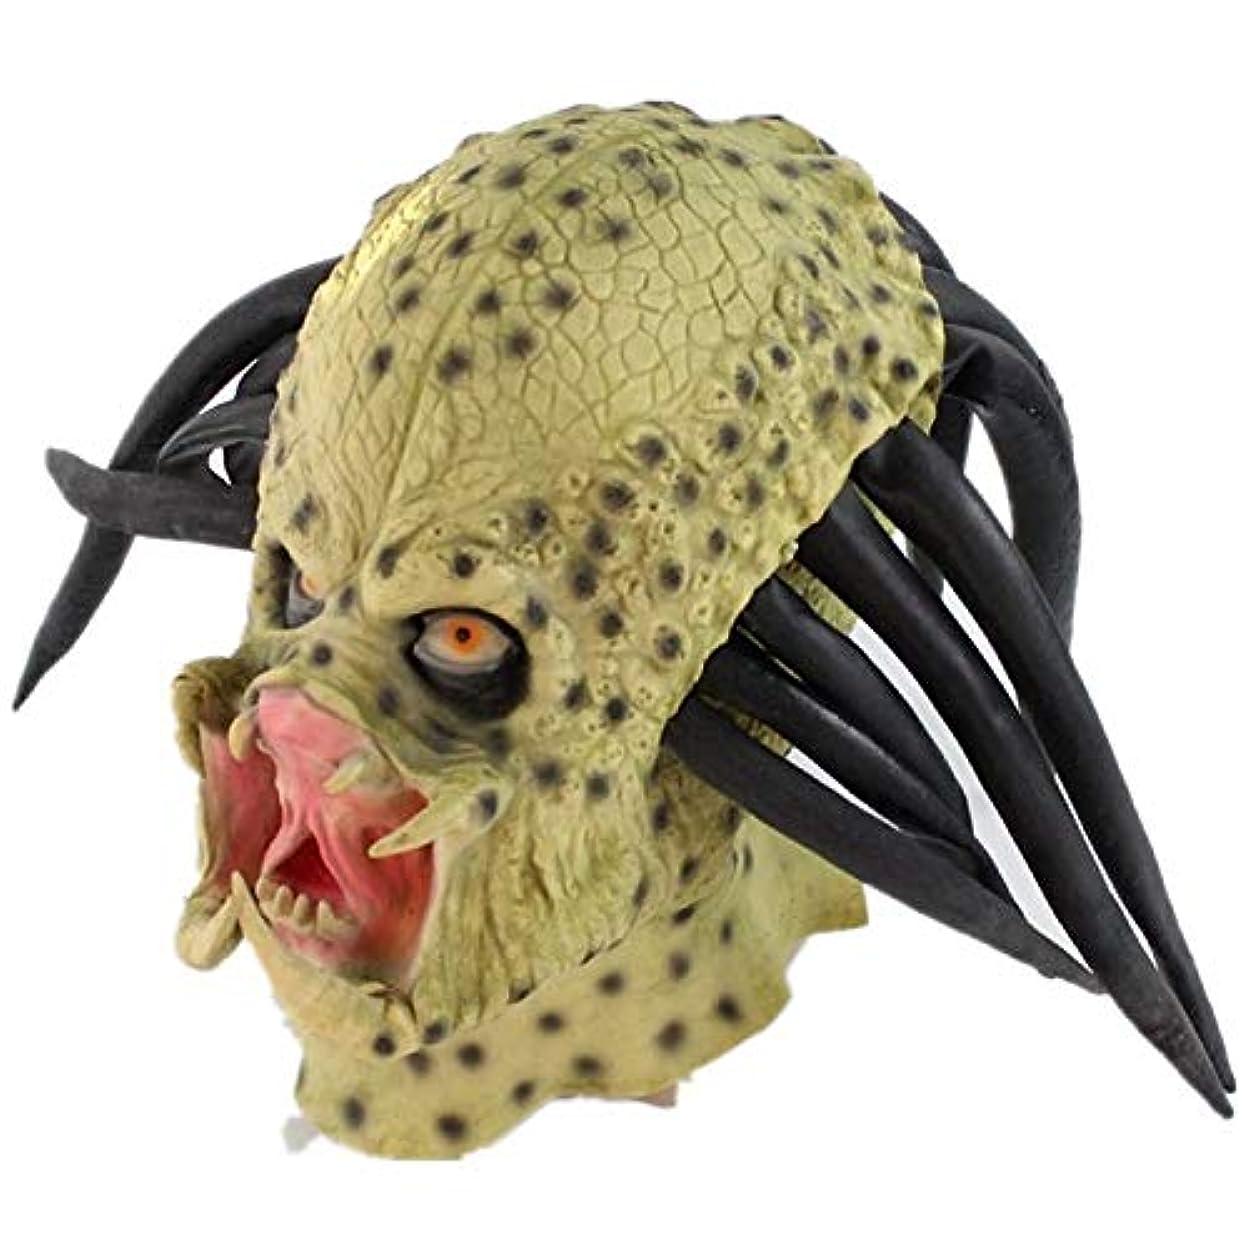 ガウン負荷走るVSプレデターエイリアンプレデターはラテックス帽子ホラーハロウィーンマスクマスクマスク